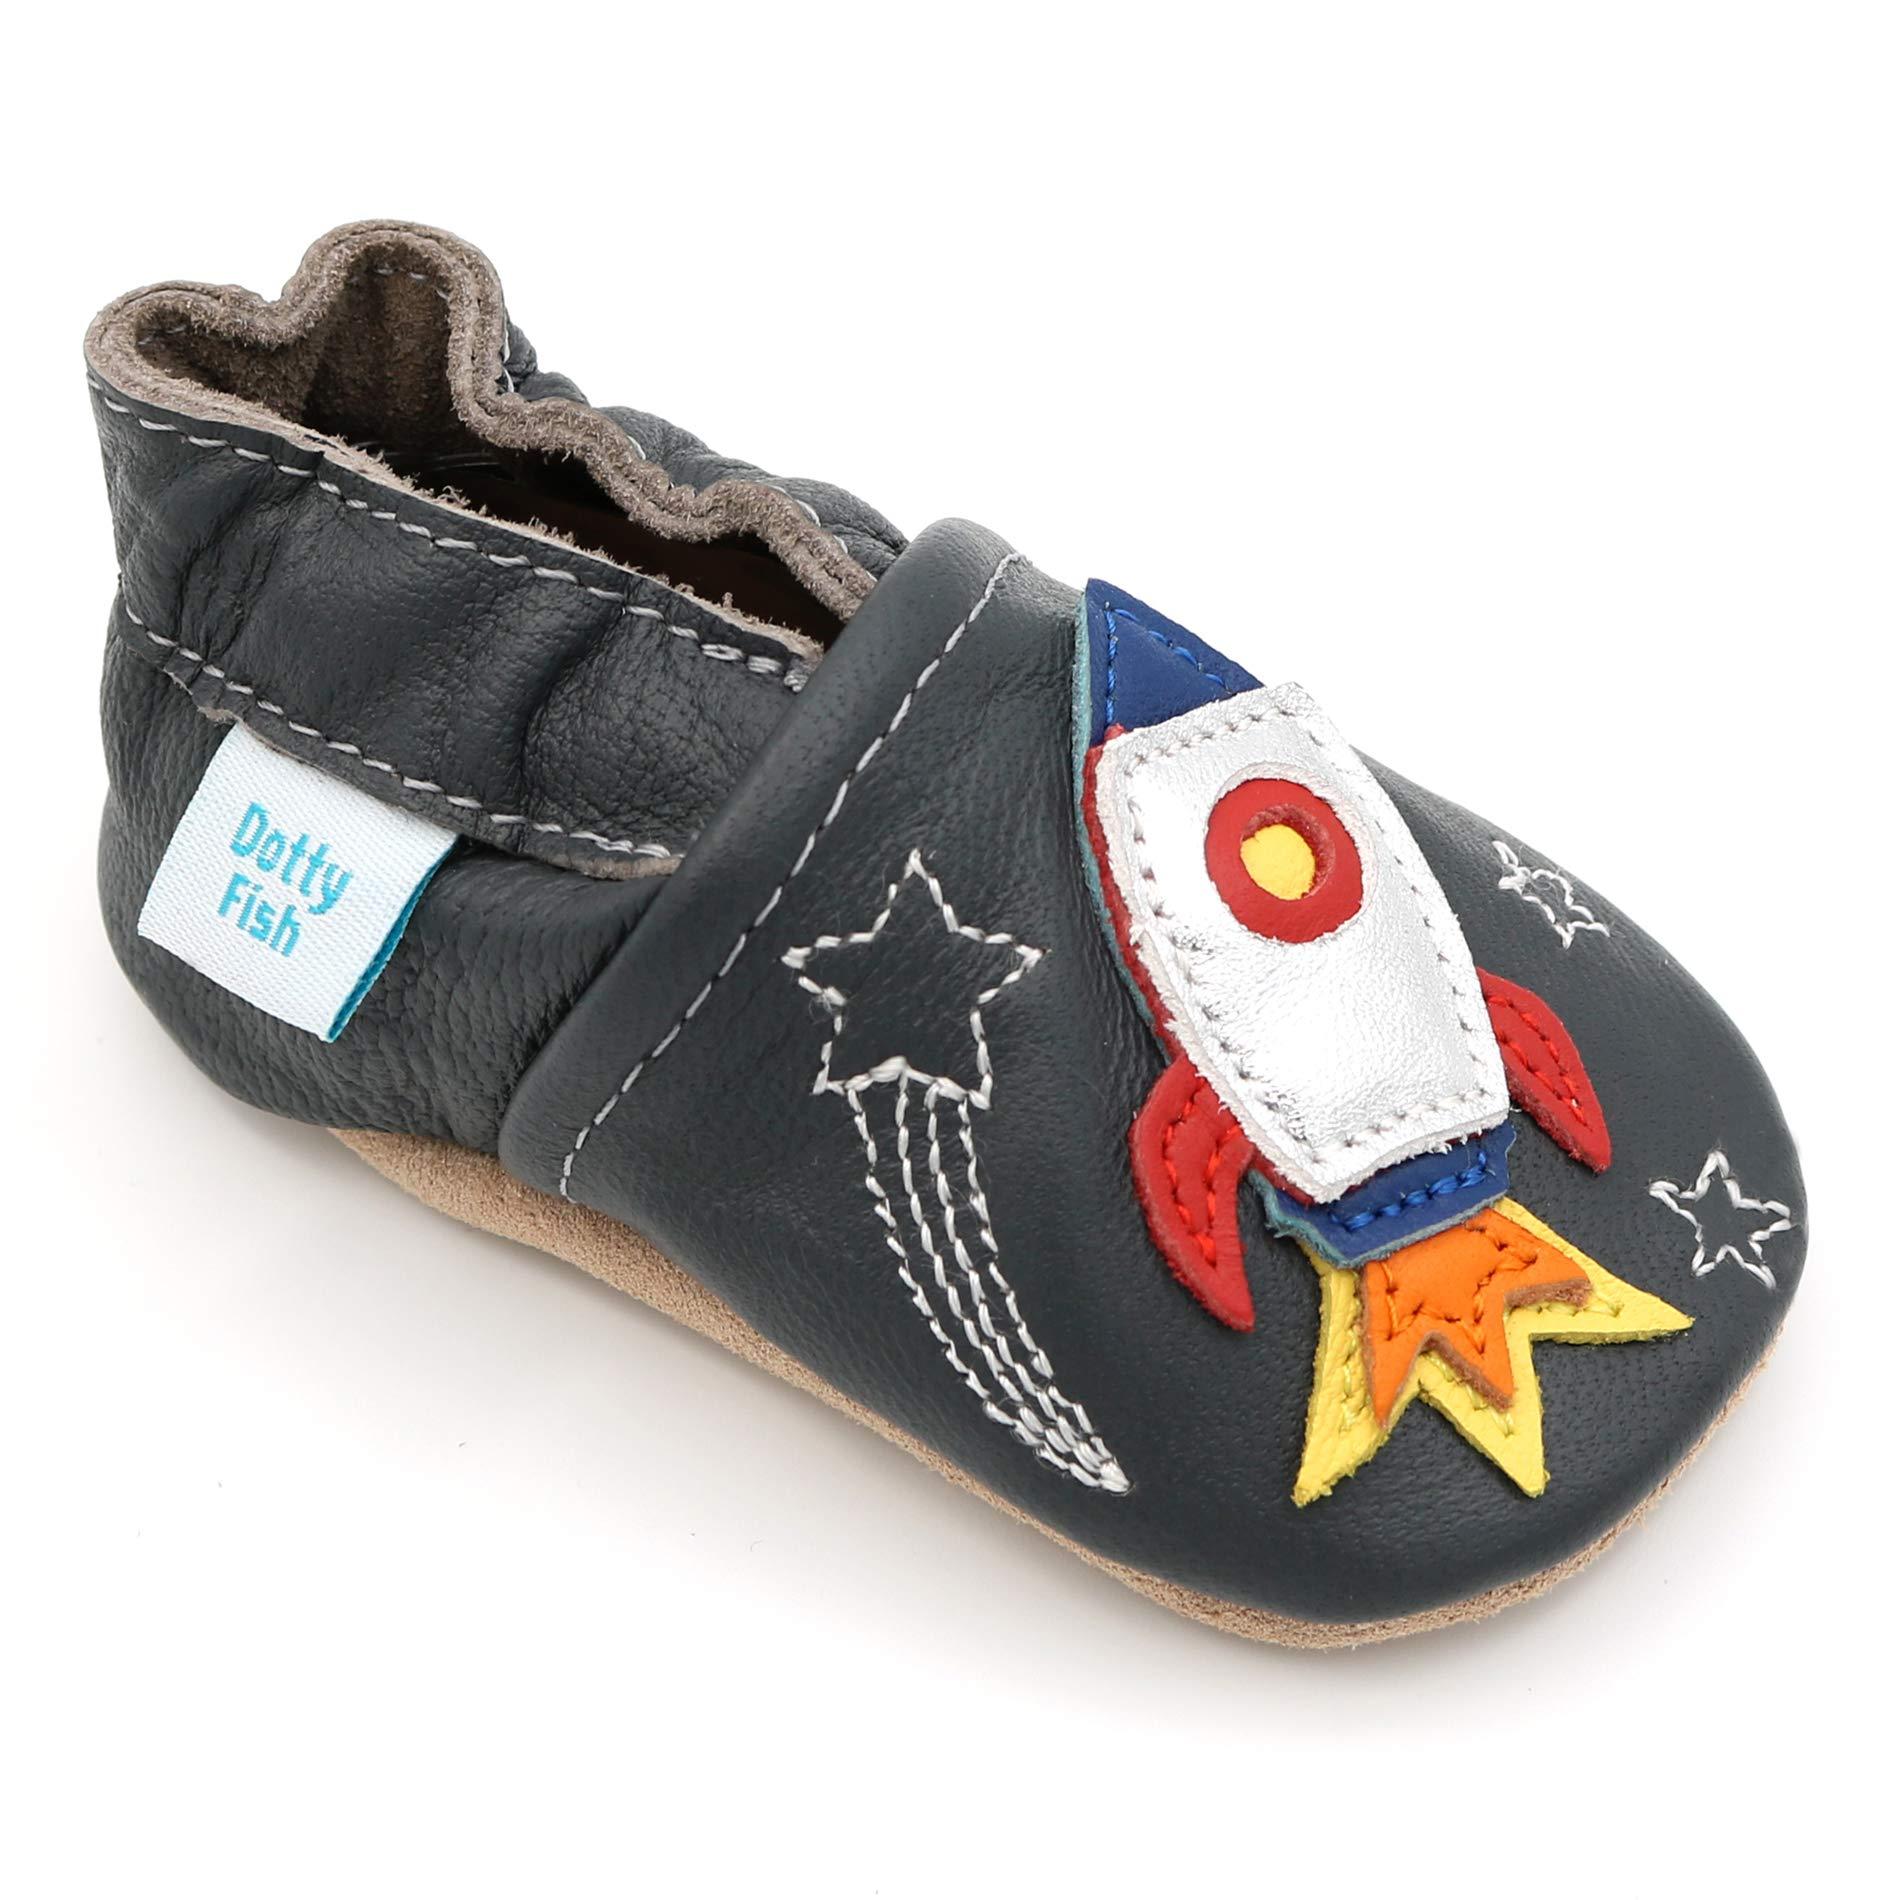 3be616977f9de Top Chaussures premiers pas bébé garçon selon les notes Amazon.fr